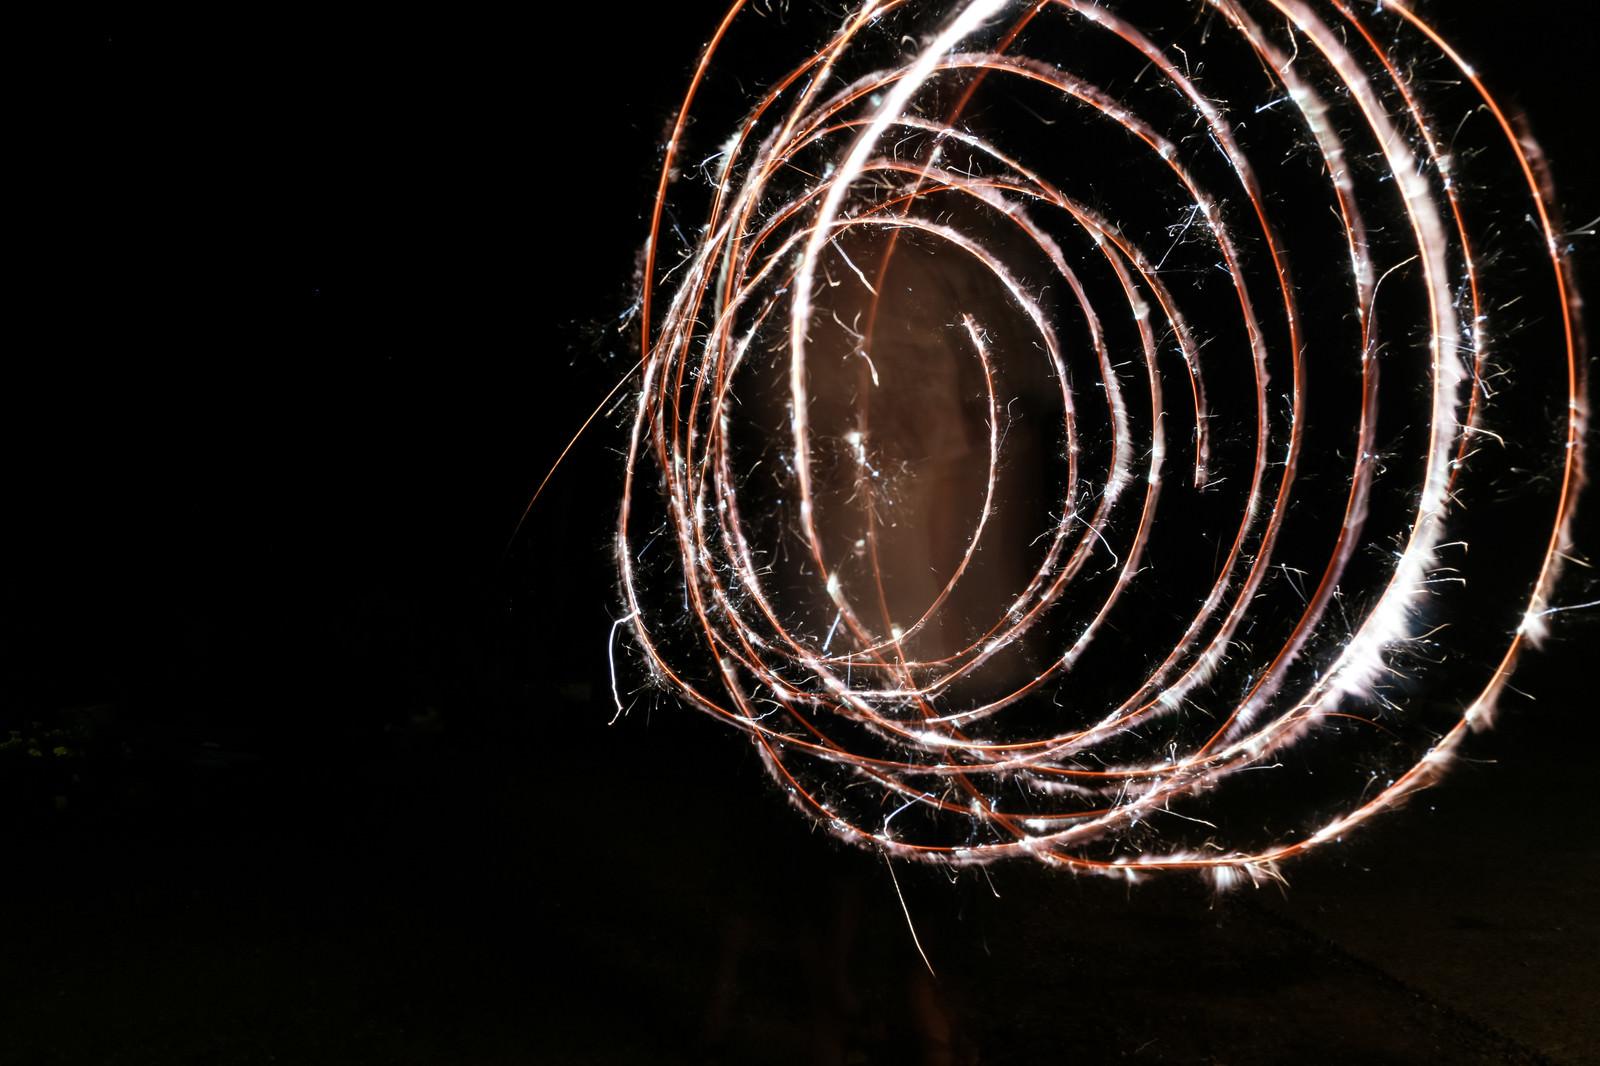 「ぐるぐる火花」の写真